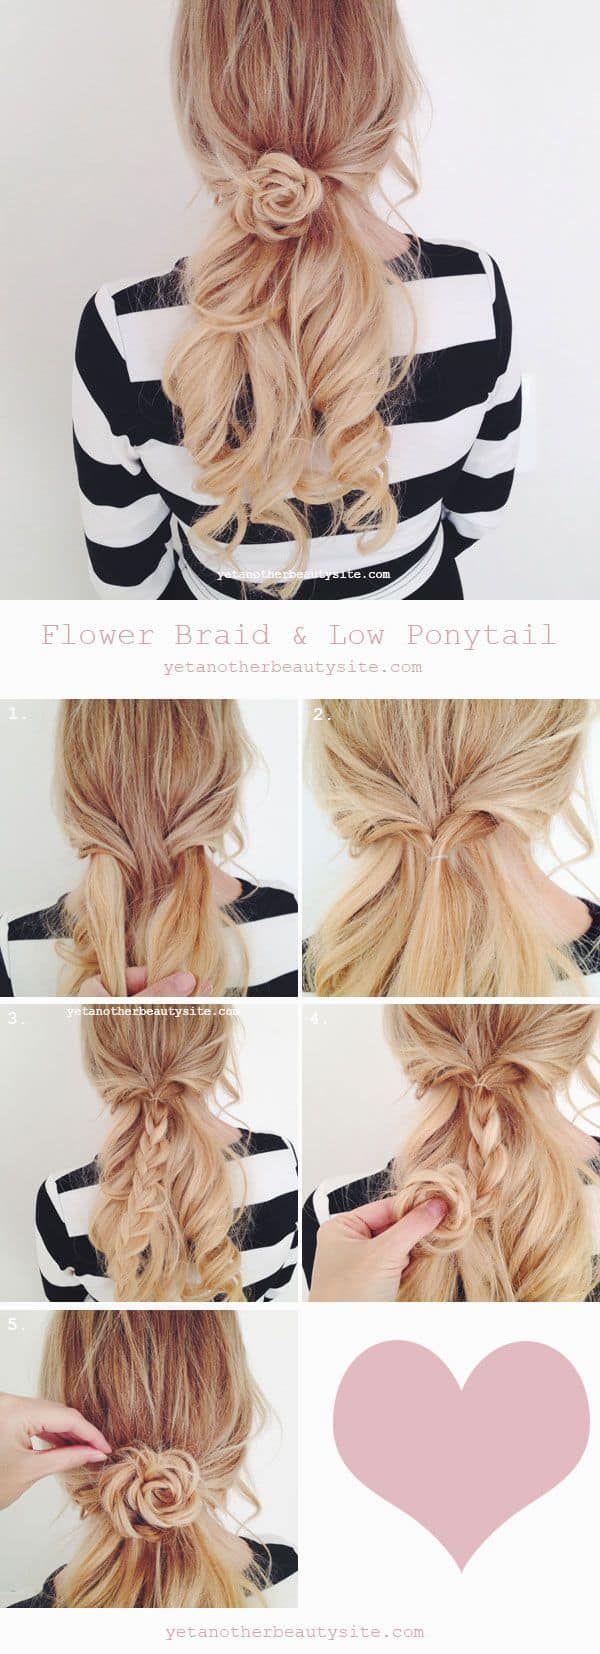 flower-braid-hairstyle